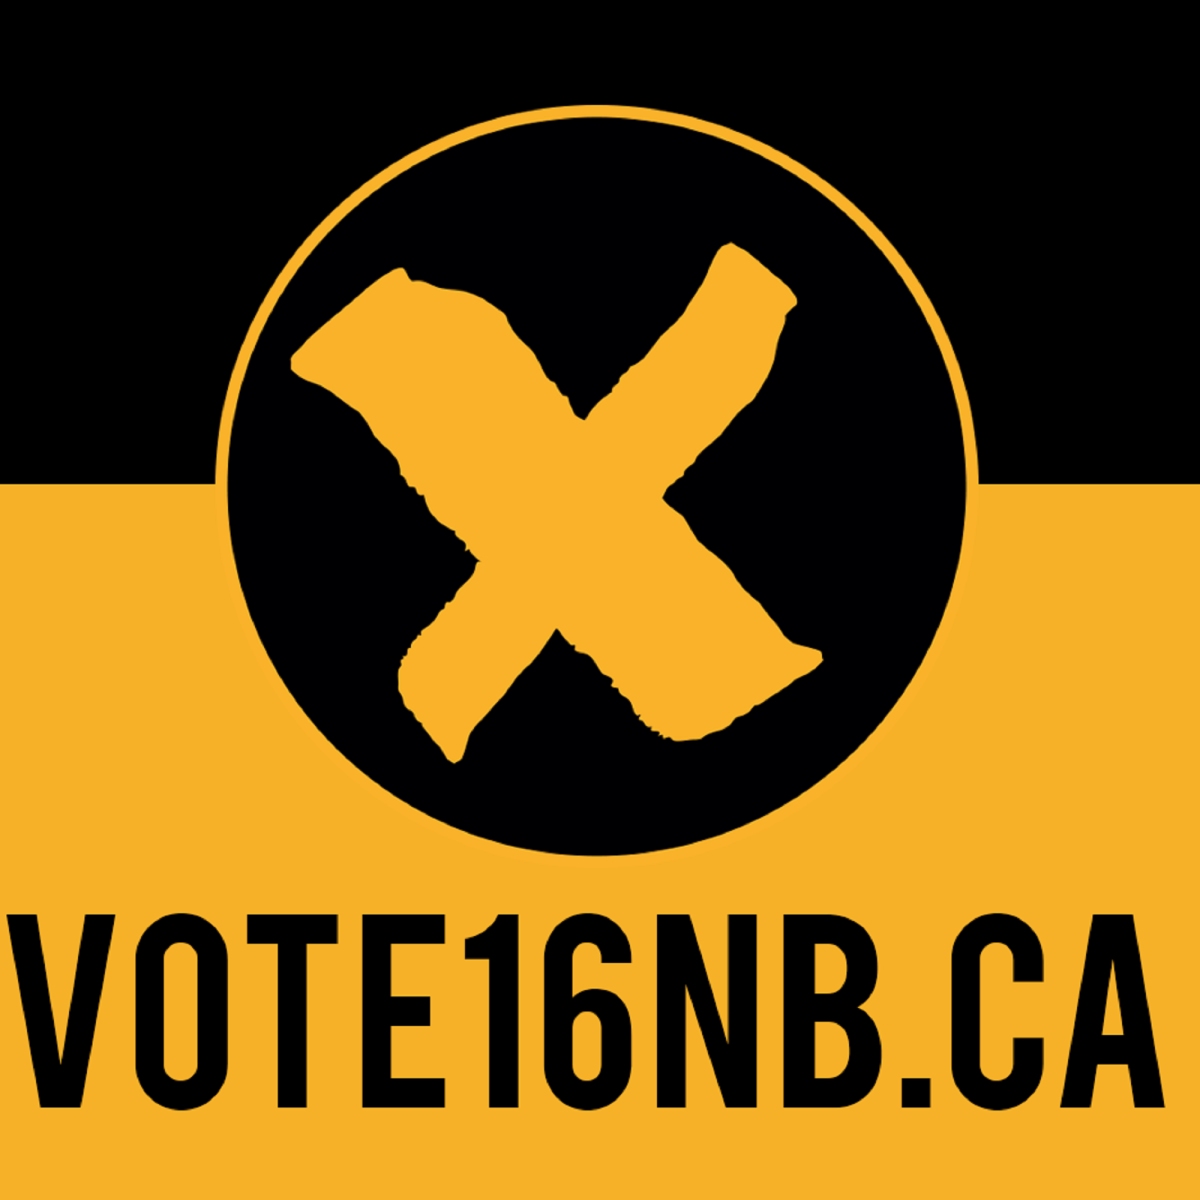 Vote16NB : la création d'une jeunesse informée - Félix Arseneault